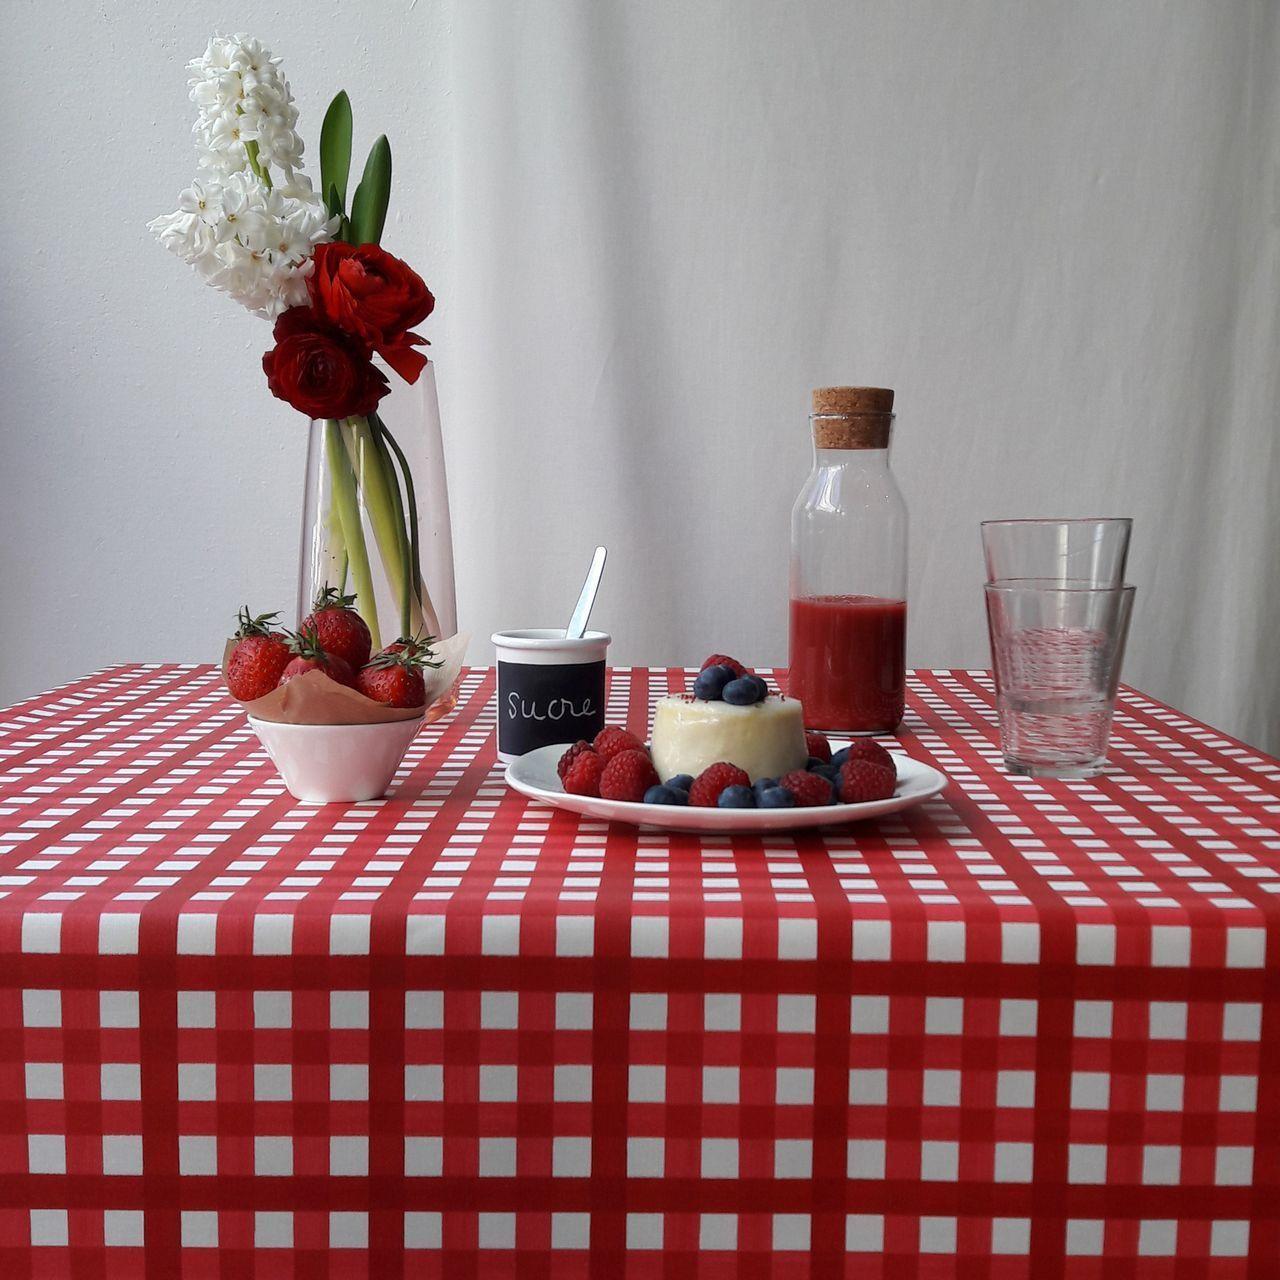 nappe guinguette rouge coton enduit carr e 160x160 fleur de soleil. Black Bedroom Furniture Sets. Home Design Ideas